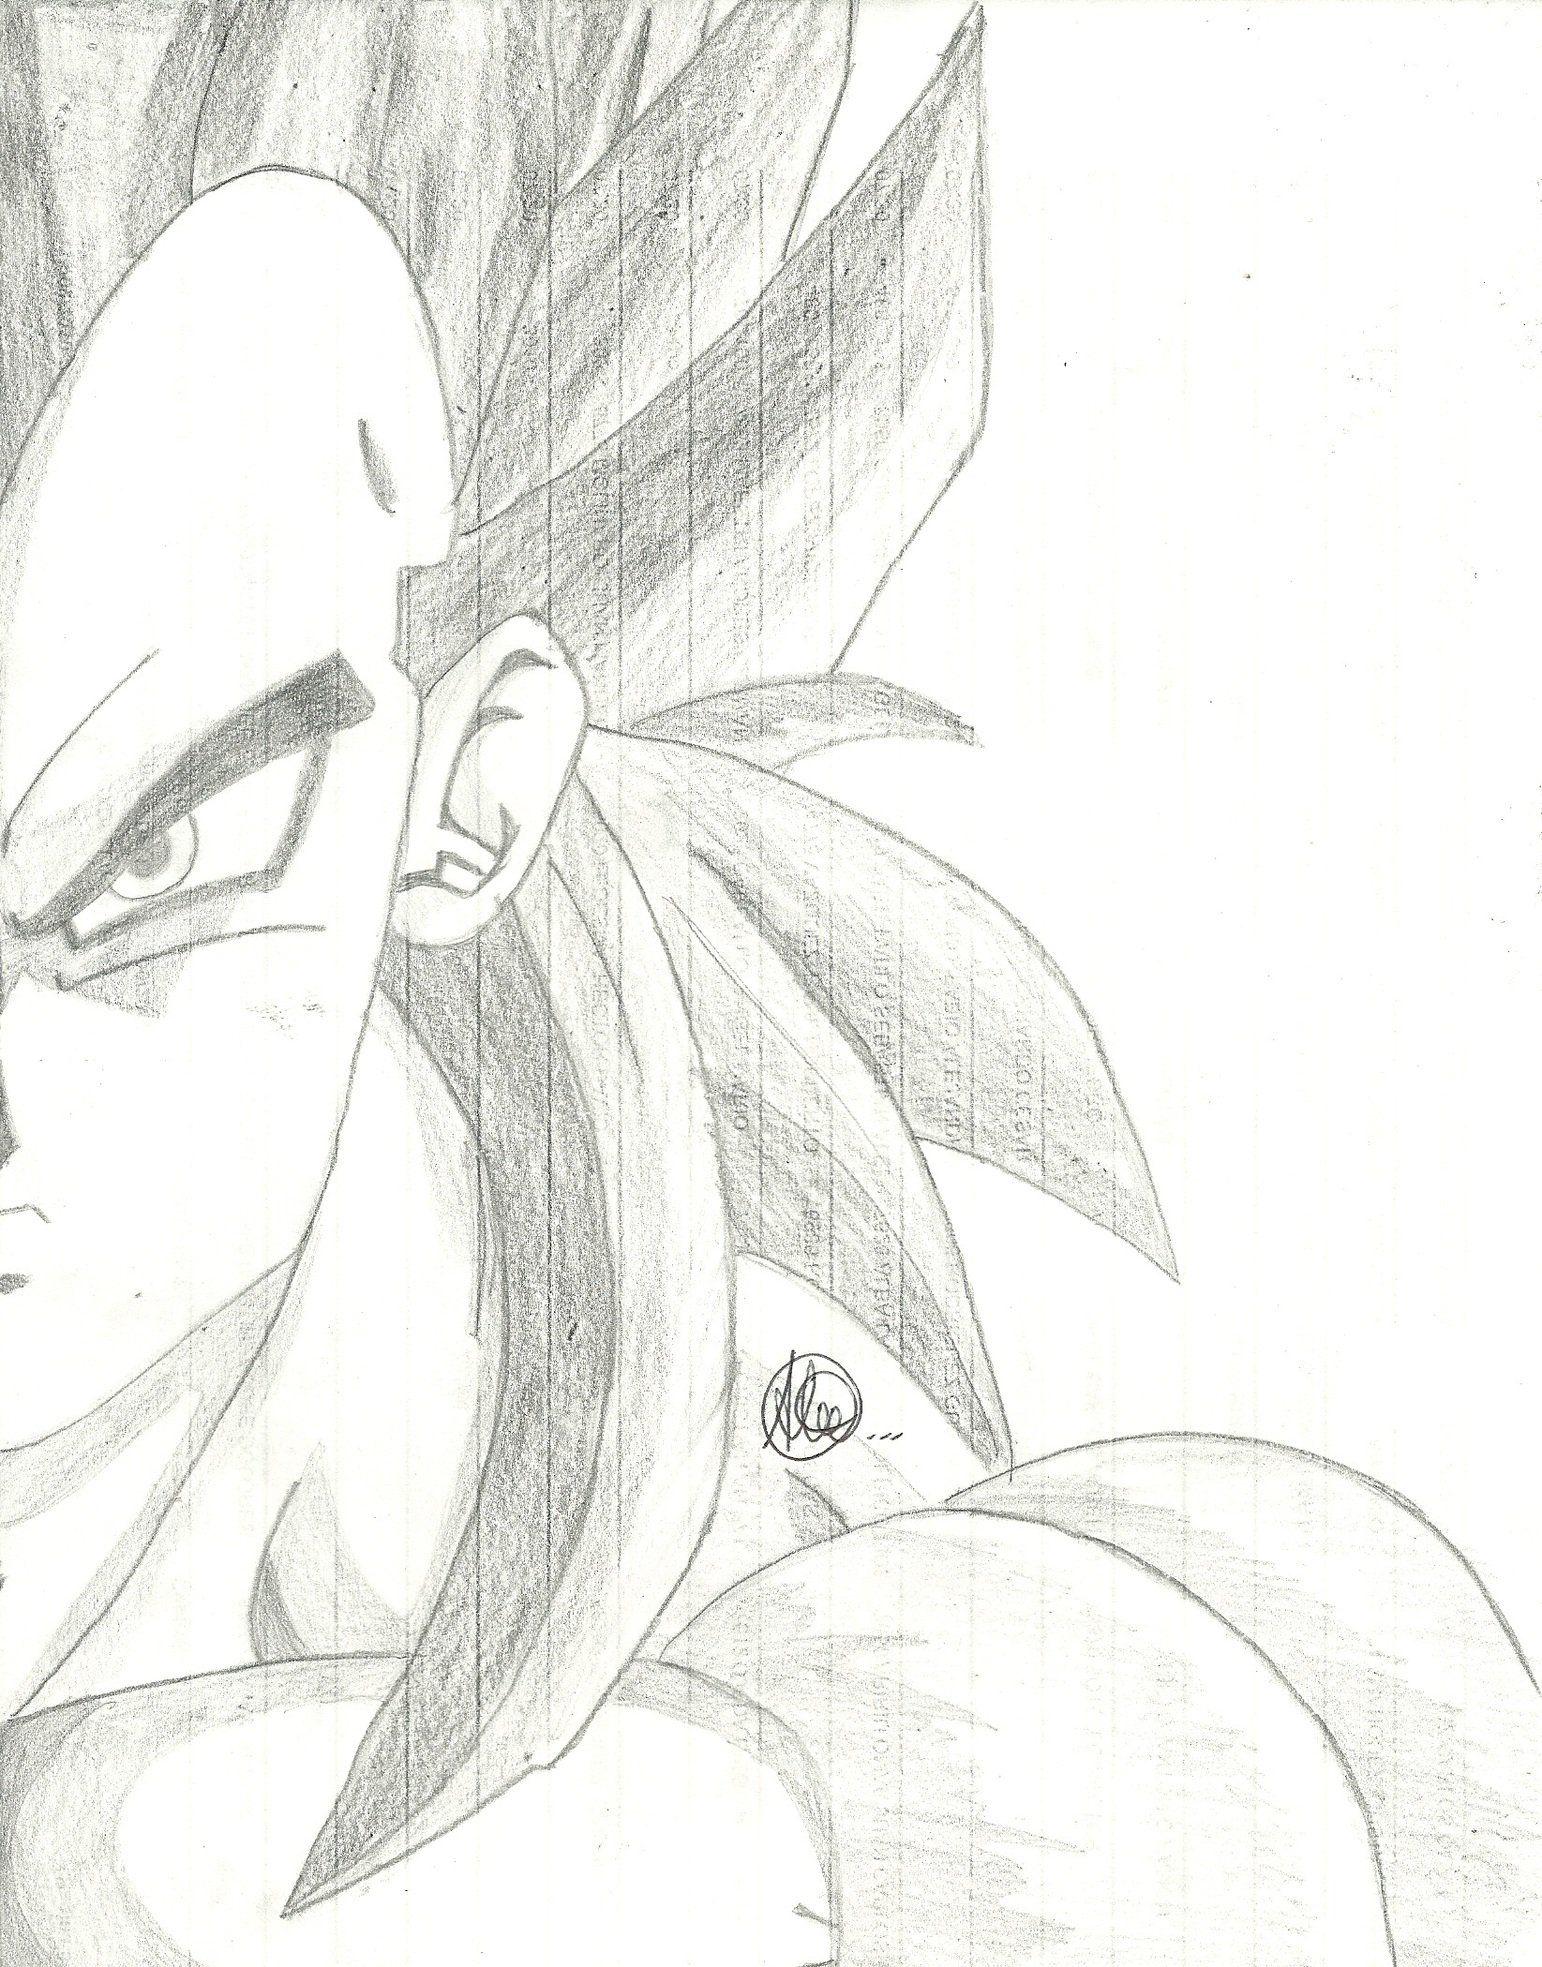 Dibujos A Lapiz De Dragon Ball Z Taringa Dibujos Dibujos A